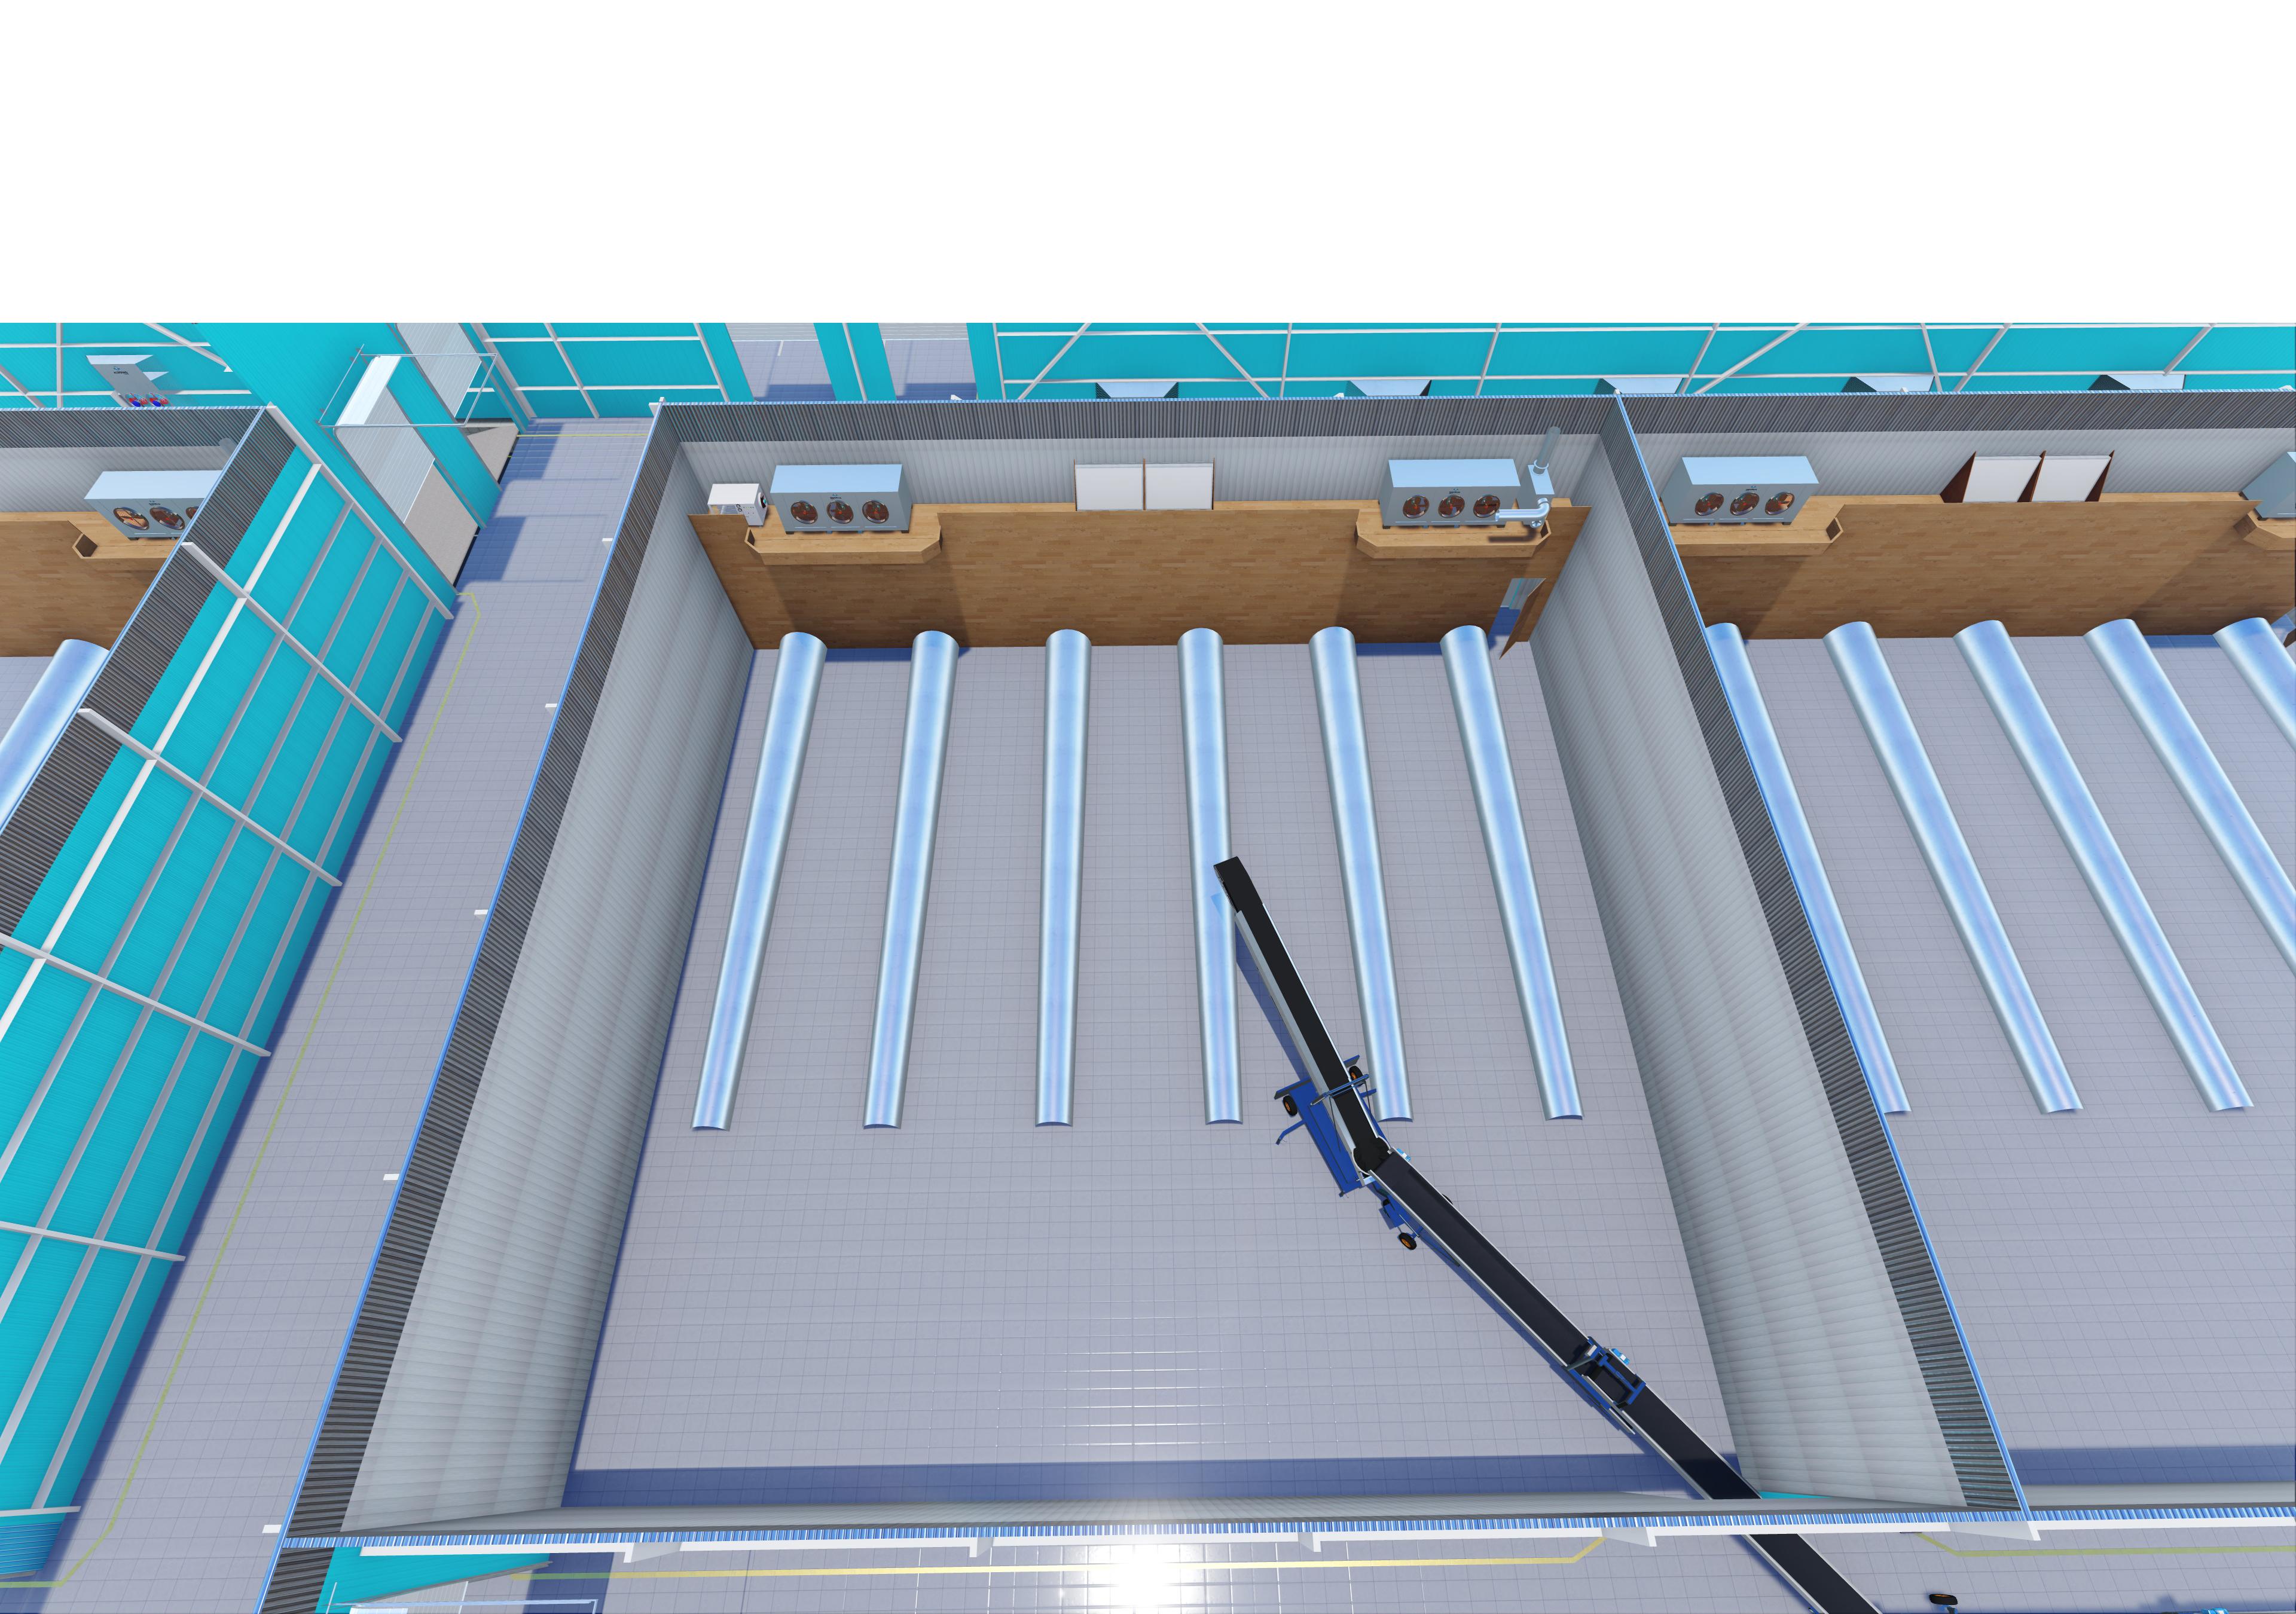 bulk with loading belt